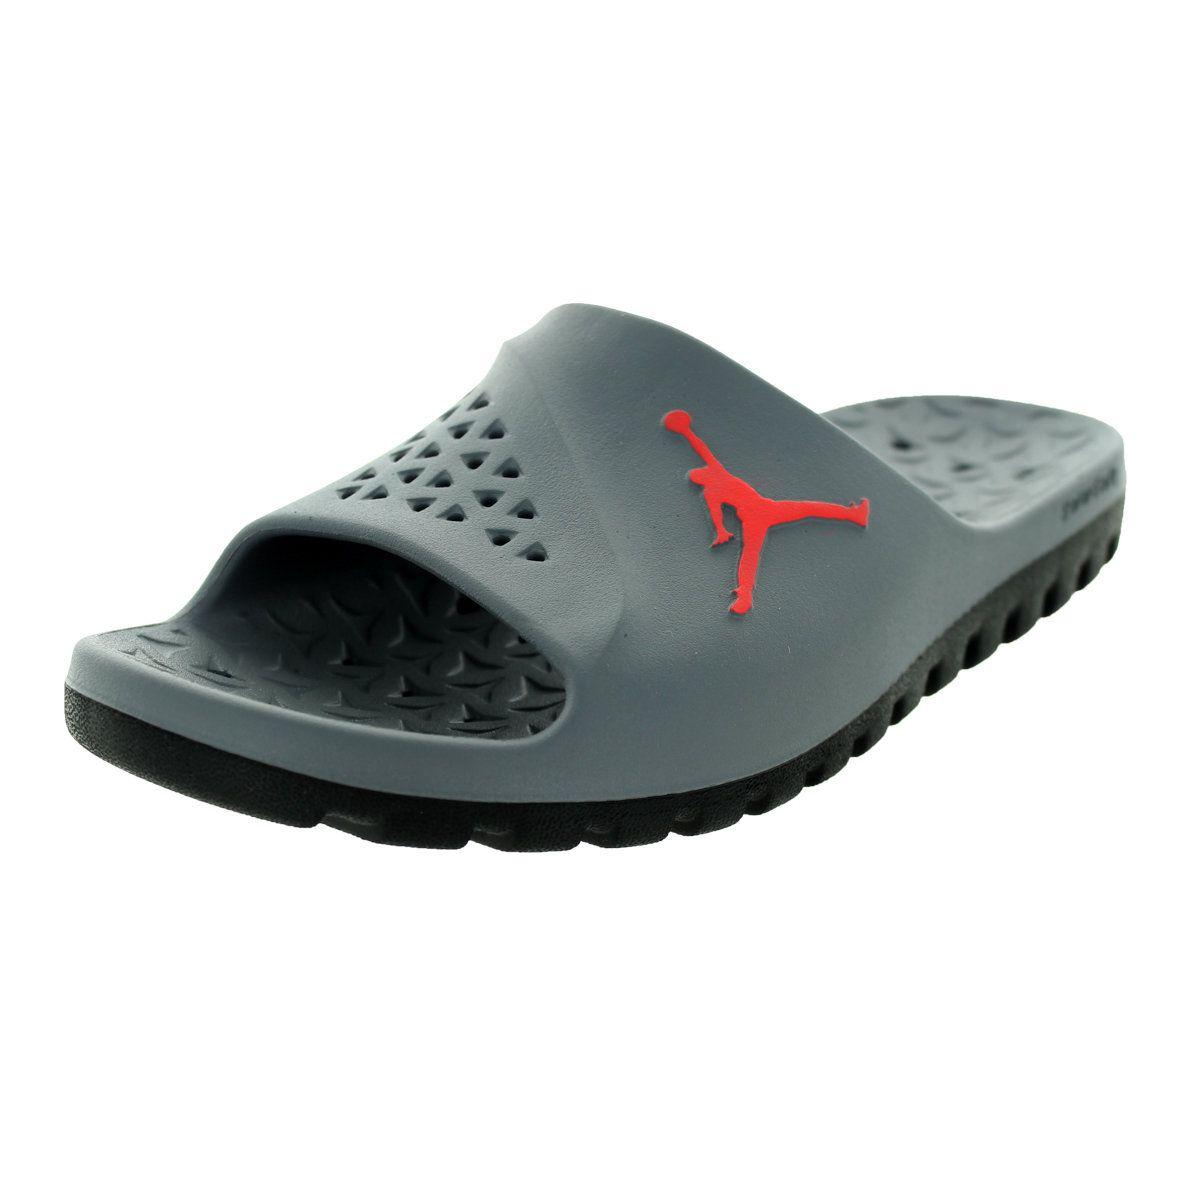 cd7139726d45 Nike Jordan Men s Jordan Super.Fly Team Synthetic Slide Sandals ...